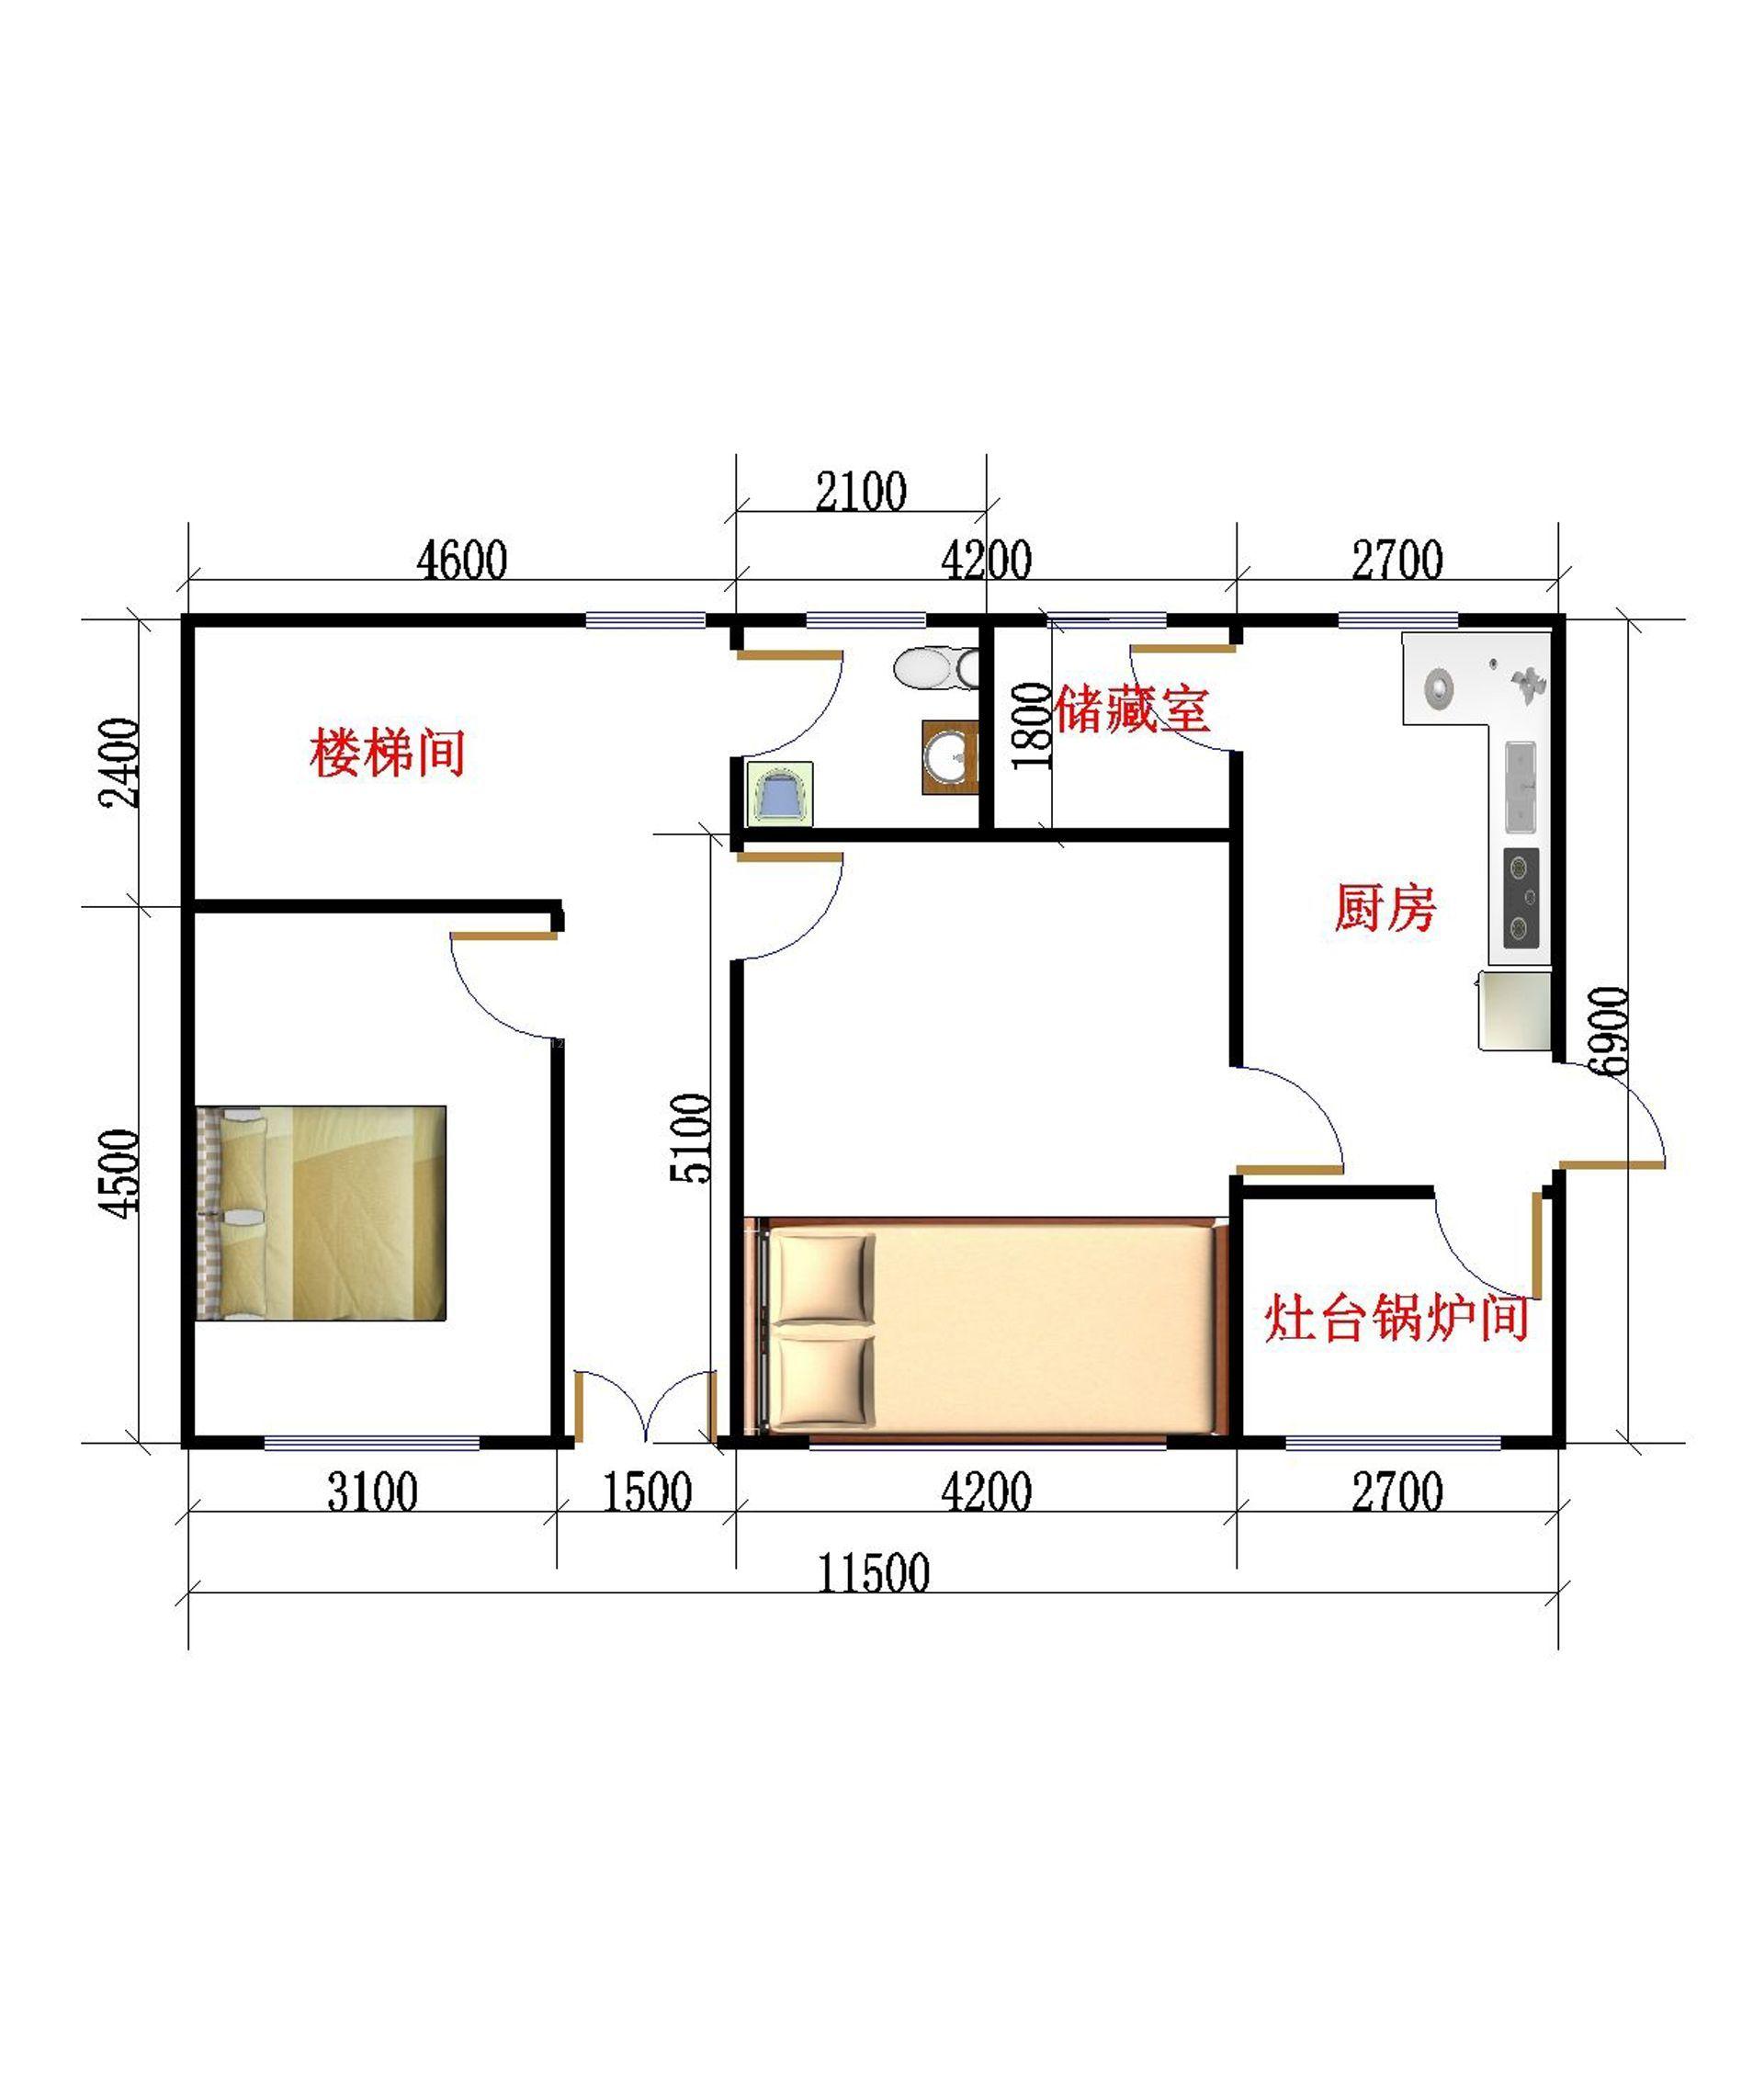 北方农村房屋一层平面图